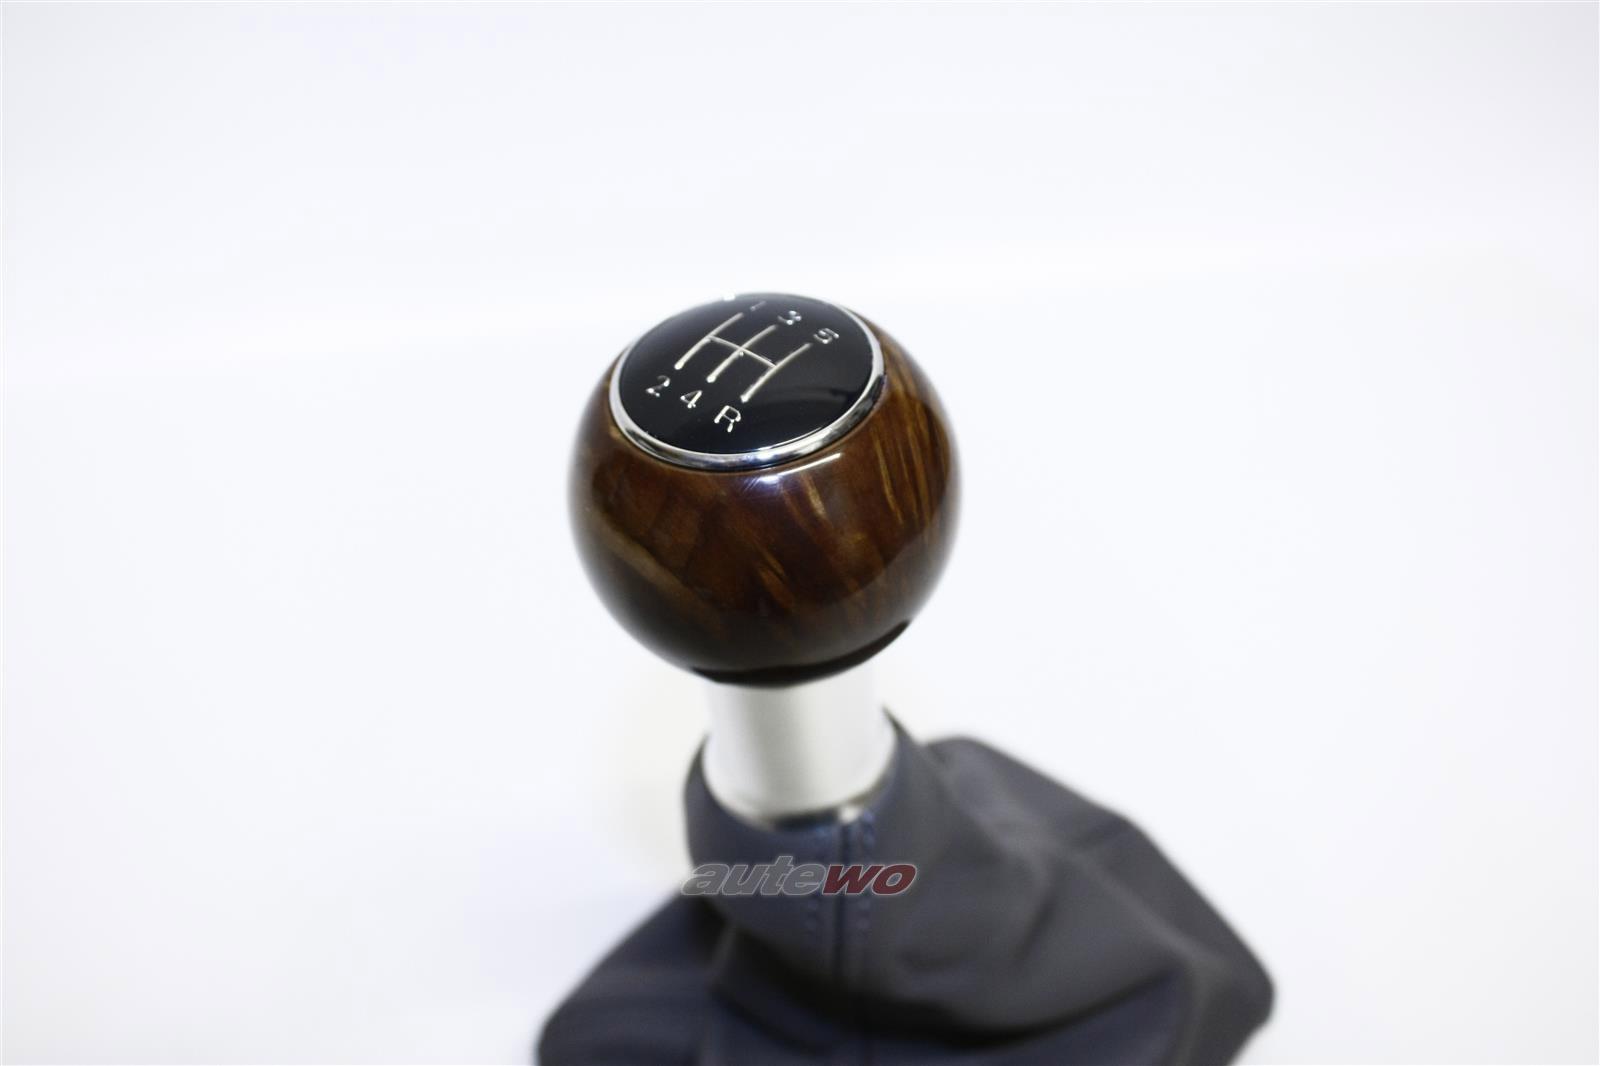 NEU&ORIGINAL Audi A4 8E/A4 8H Cabrio Schalthebelknopf  Holz/Leder dunkelgrau 8E0863278EC 8E0863278M